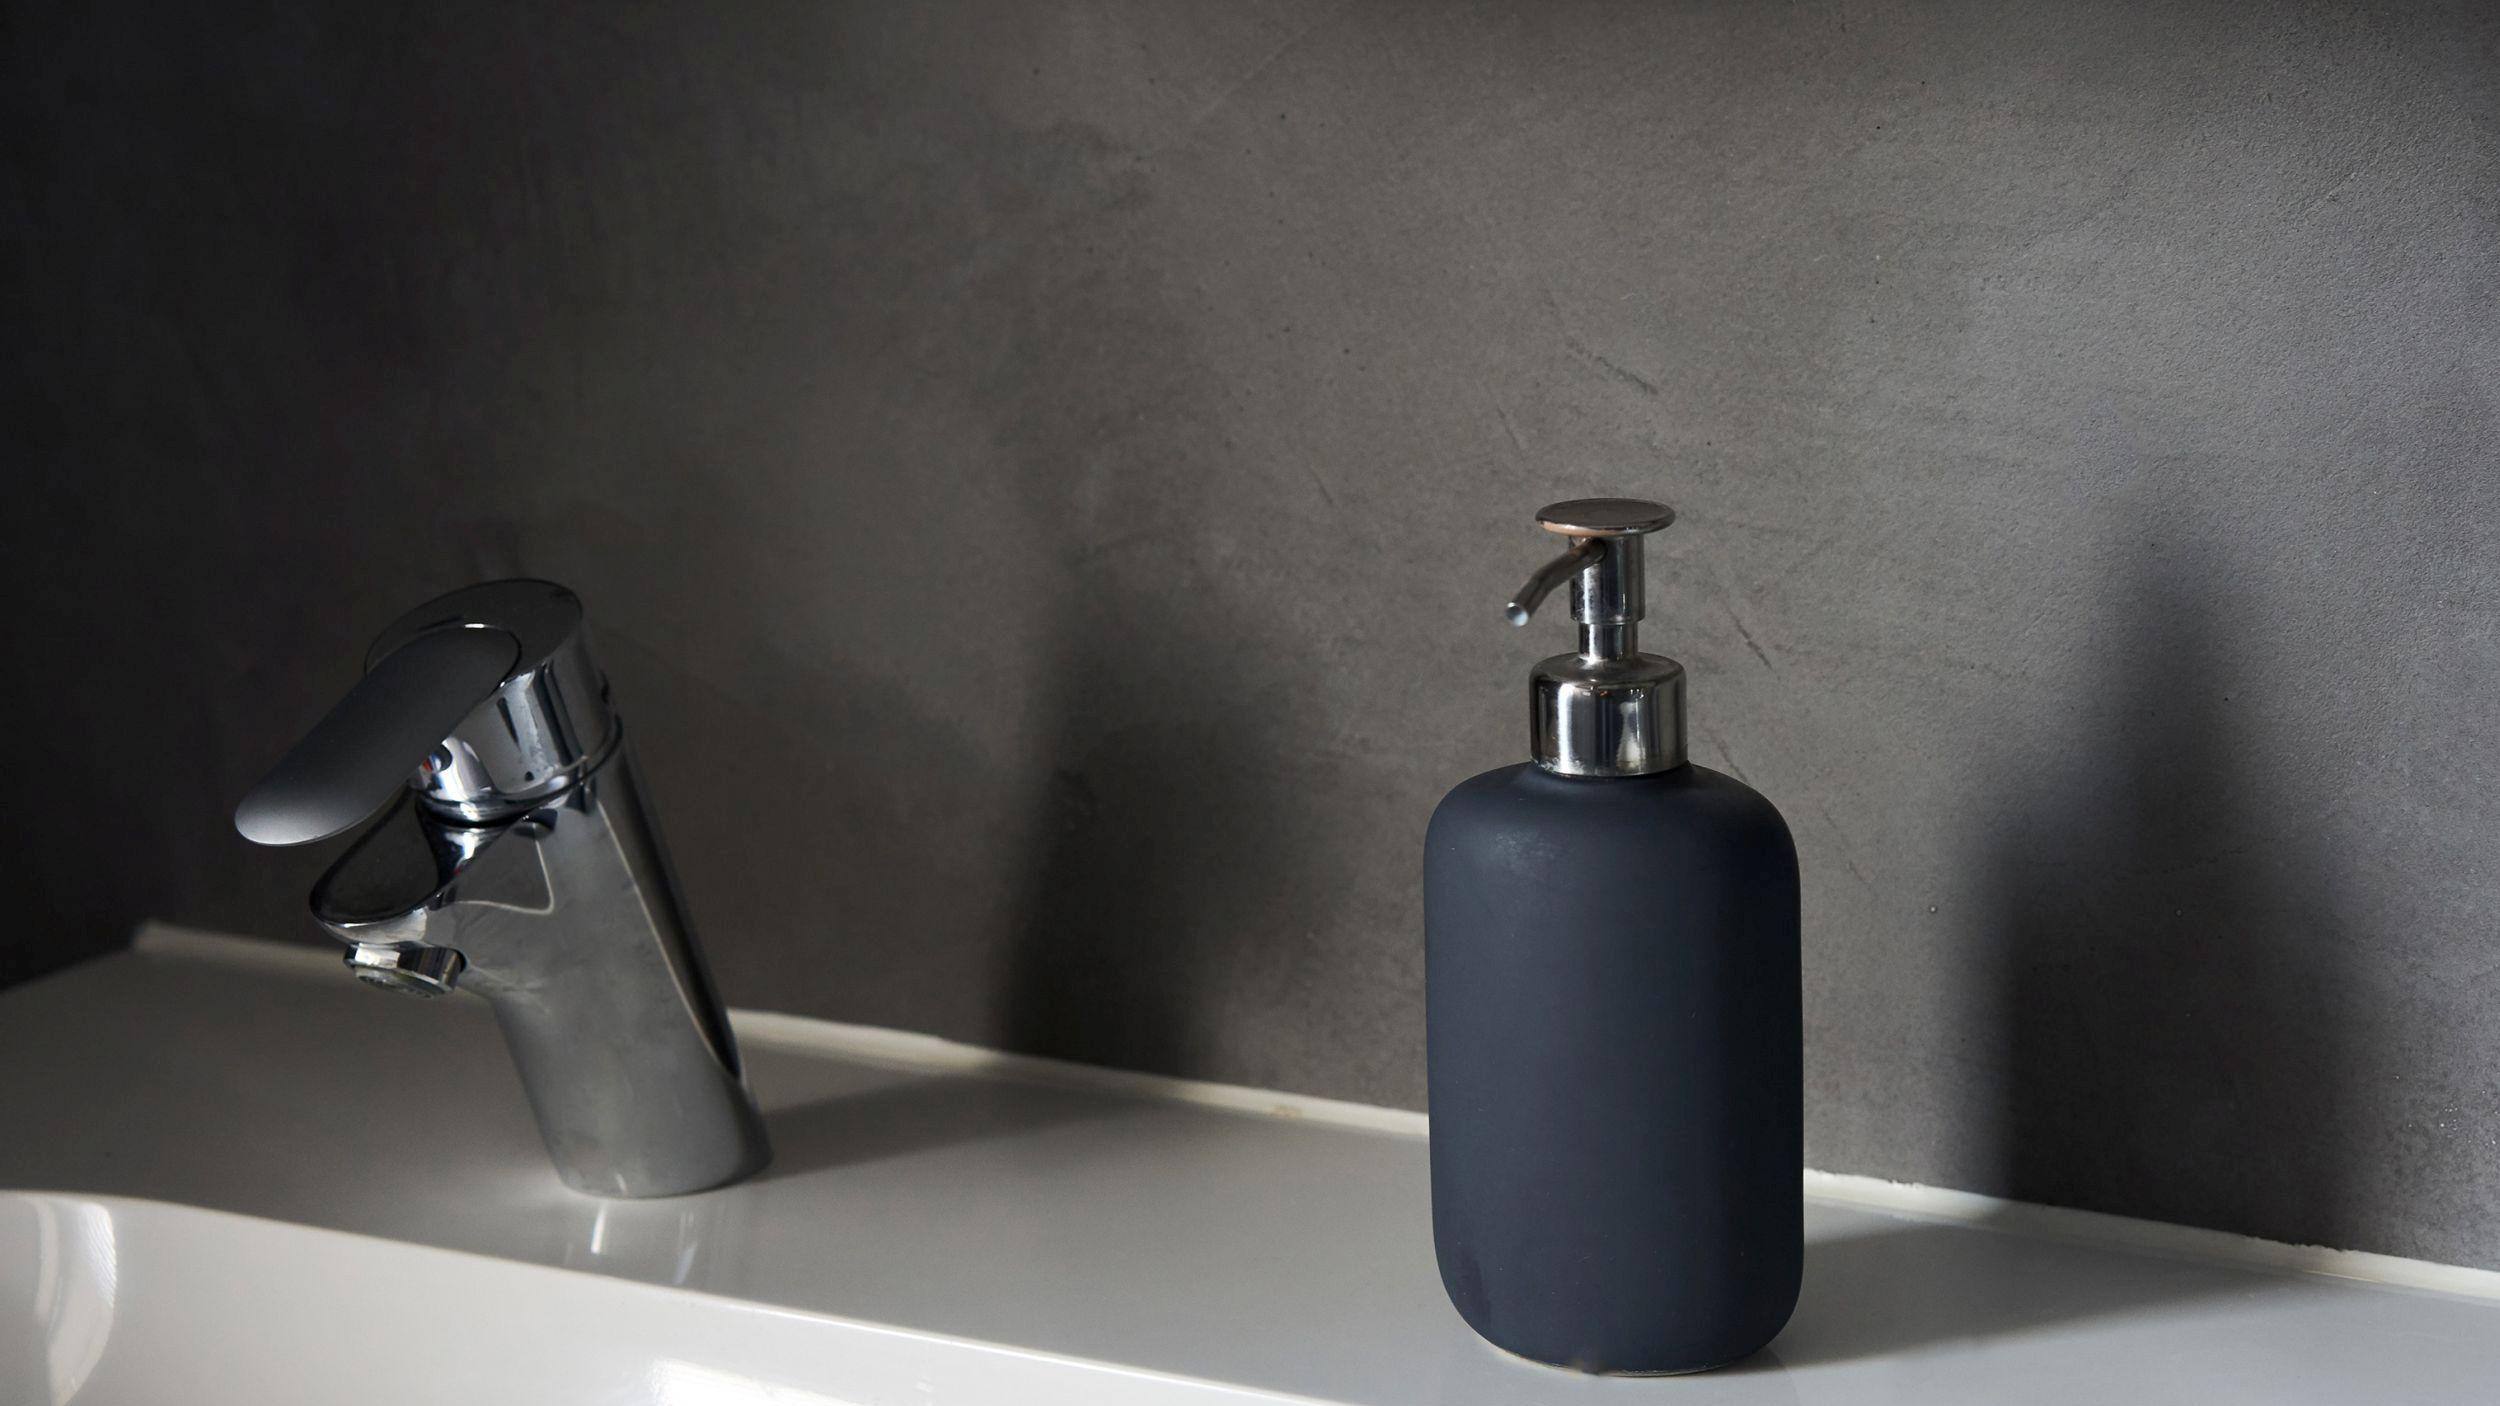 Mortex Badkamer Onderhoud : Unieke beal mortex afwerkingen in diverse ruimten erik spakman